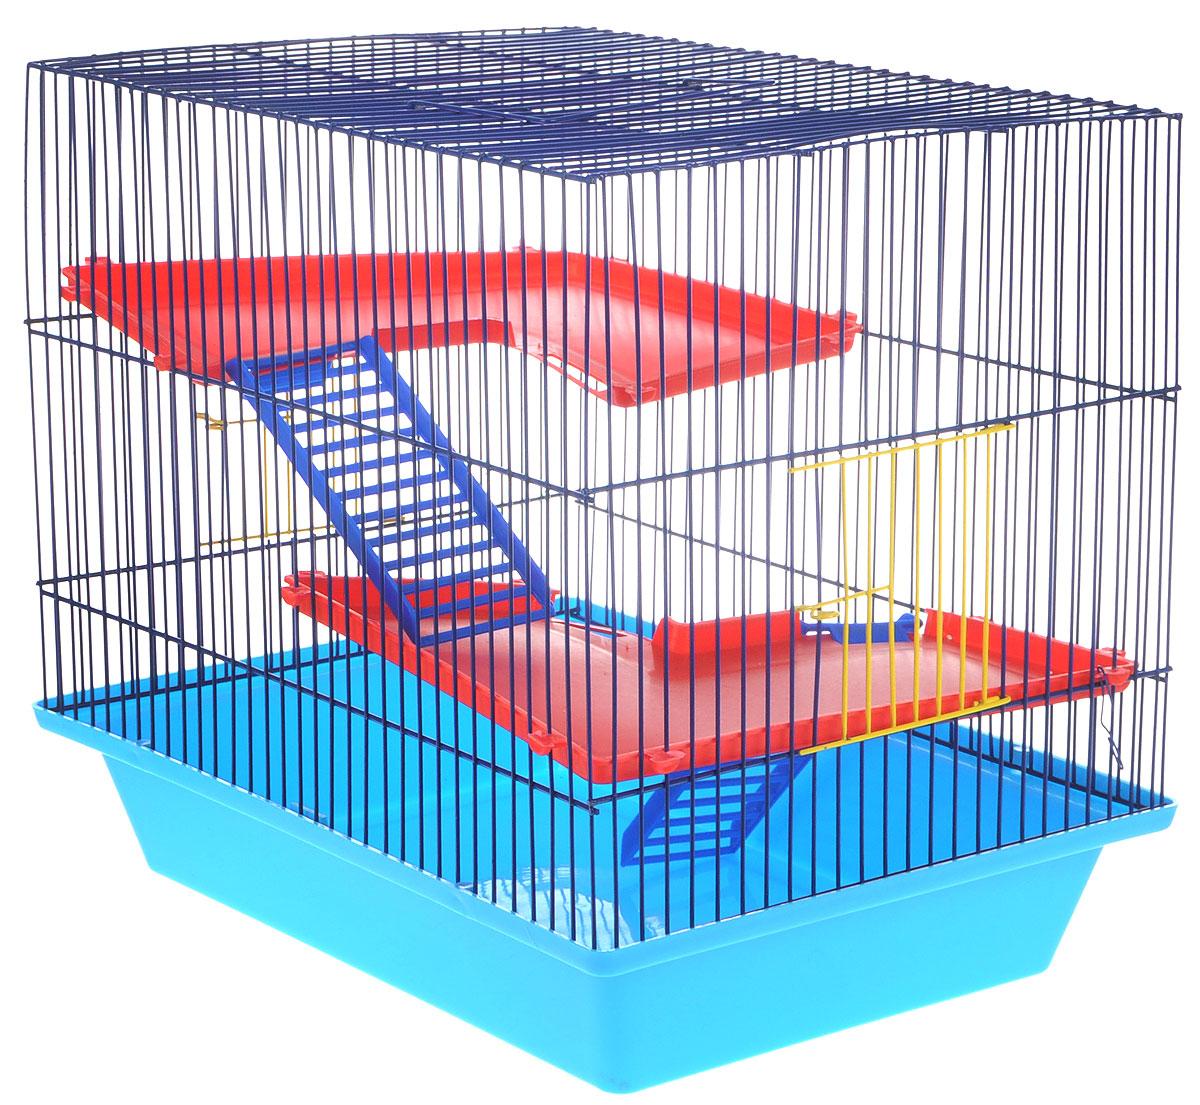 Клетка для грызунов ЗооМарк Гризли, 3-этажная, цвет: синий поддон, синяя решетка, красные этажи, 41 х 30 х 36 см230ССКлетка ЗооМарк Гризли, выполненная из полипропилена и металла, подходит для мелких грызунов. Изделие трехэтажное. Клетка имеет яркий поддон, удобна в использовании и легко чистится. Сверху имеется ручка для переноски. Такая клетка станет уединенным личным пространством и уютным домиком для маленького грызуна.